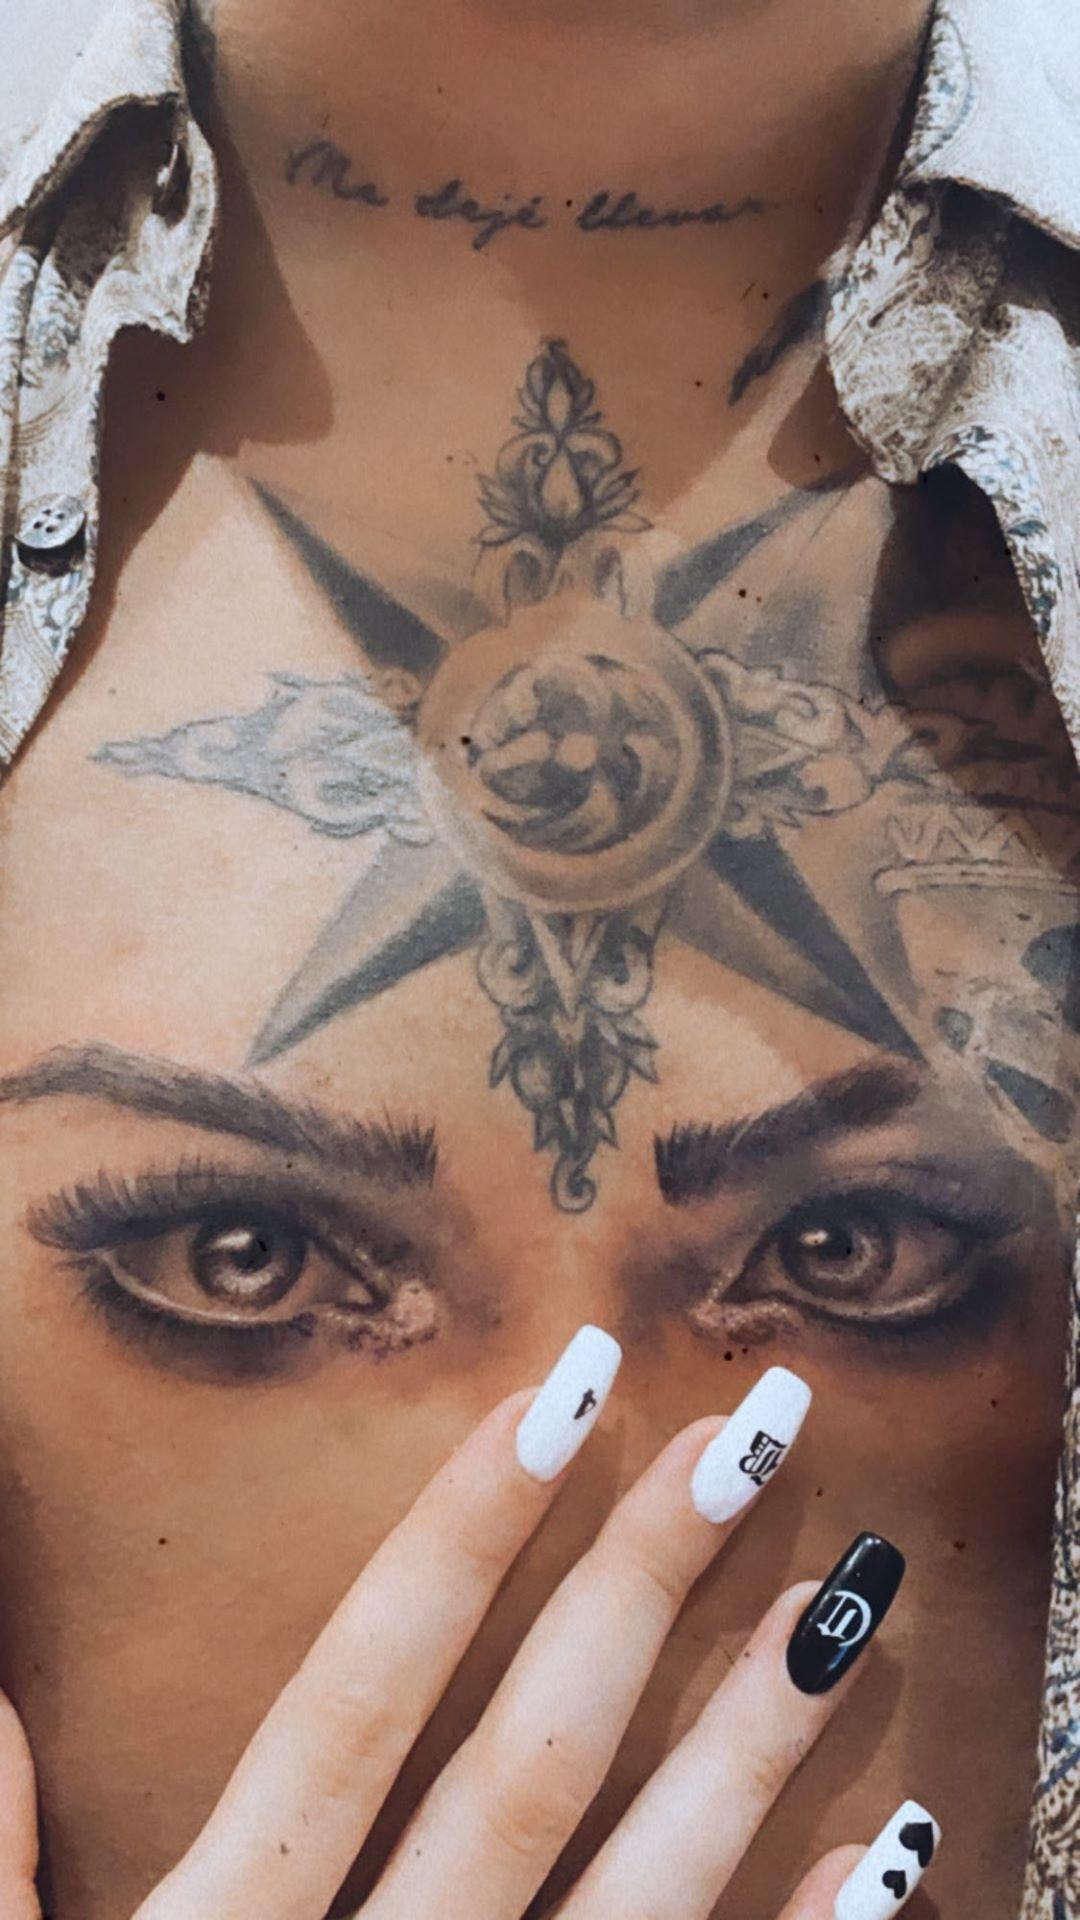 Tatuaje de Christian Nodal